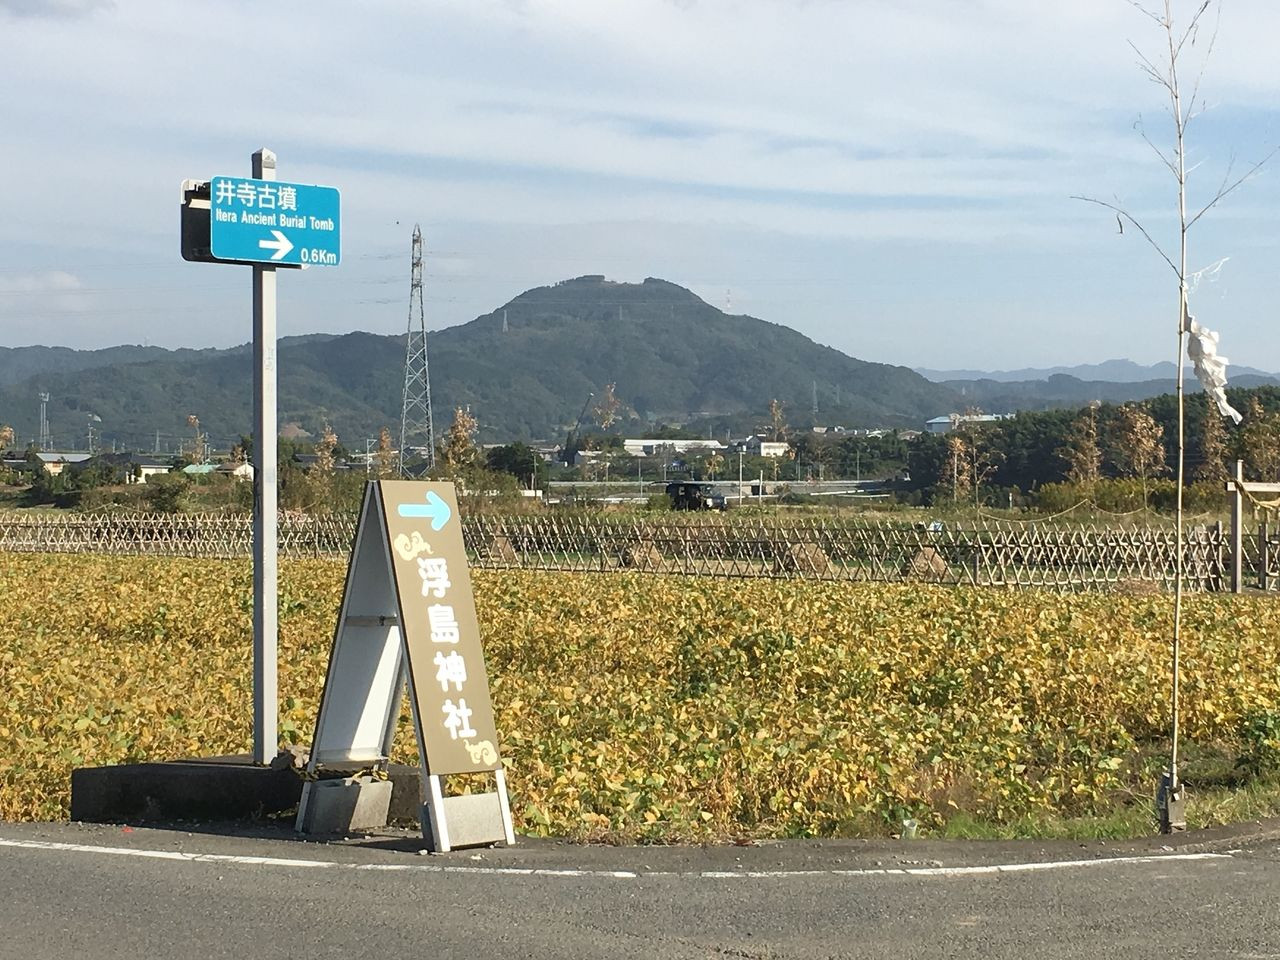 献穀斎田入口のところにある浮島熊野座神社と井寺古墳の看板